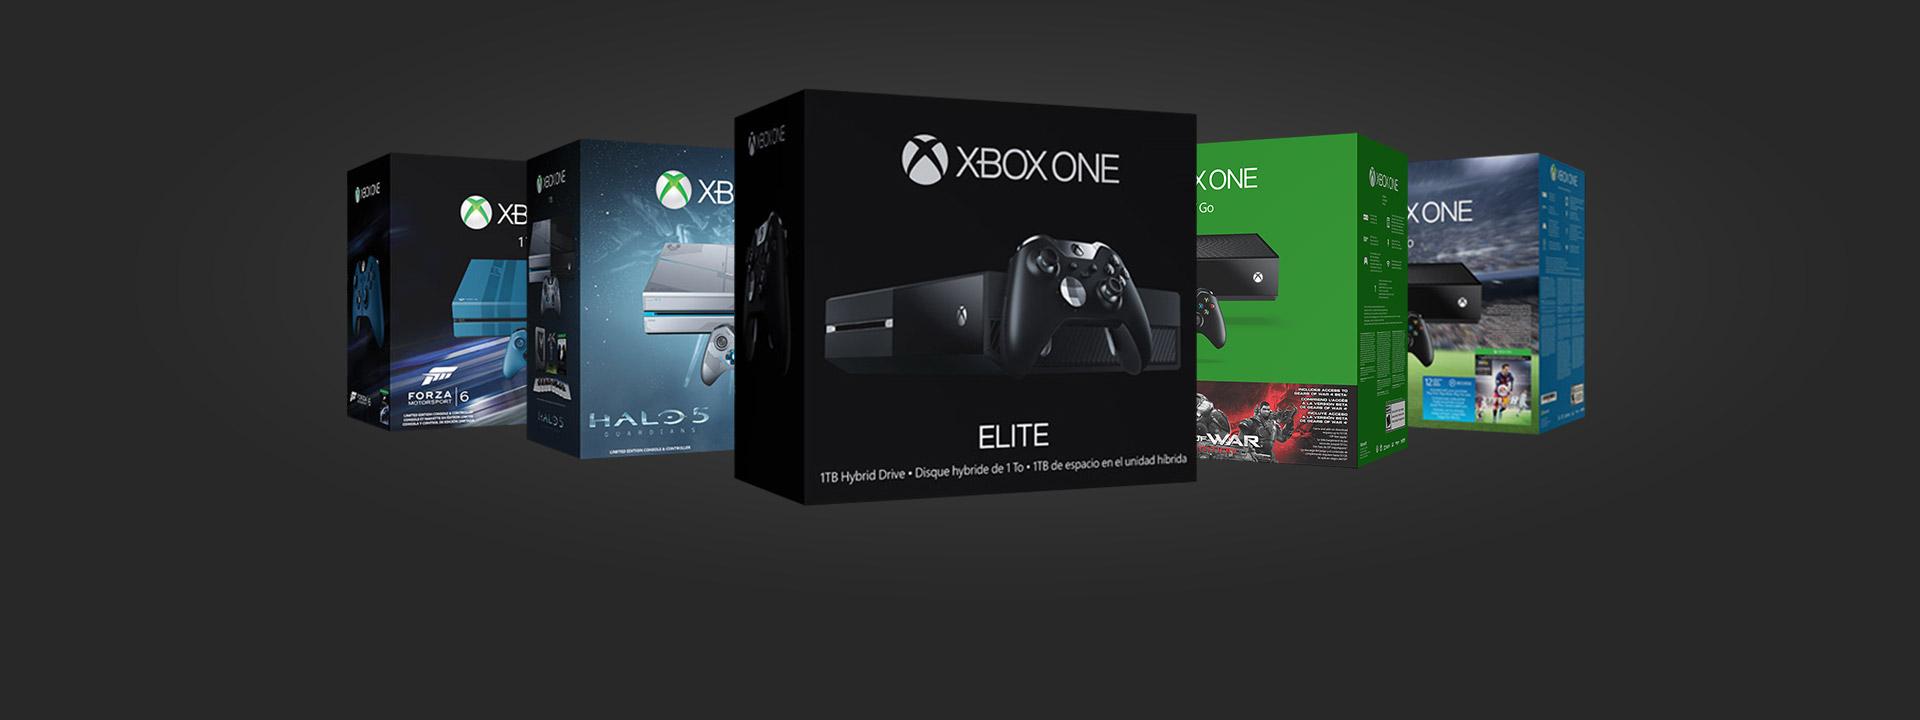 Mantenha-se entretido por horas com um pacote Xbox One novinho em folha.